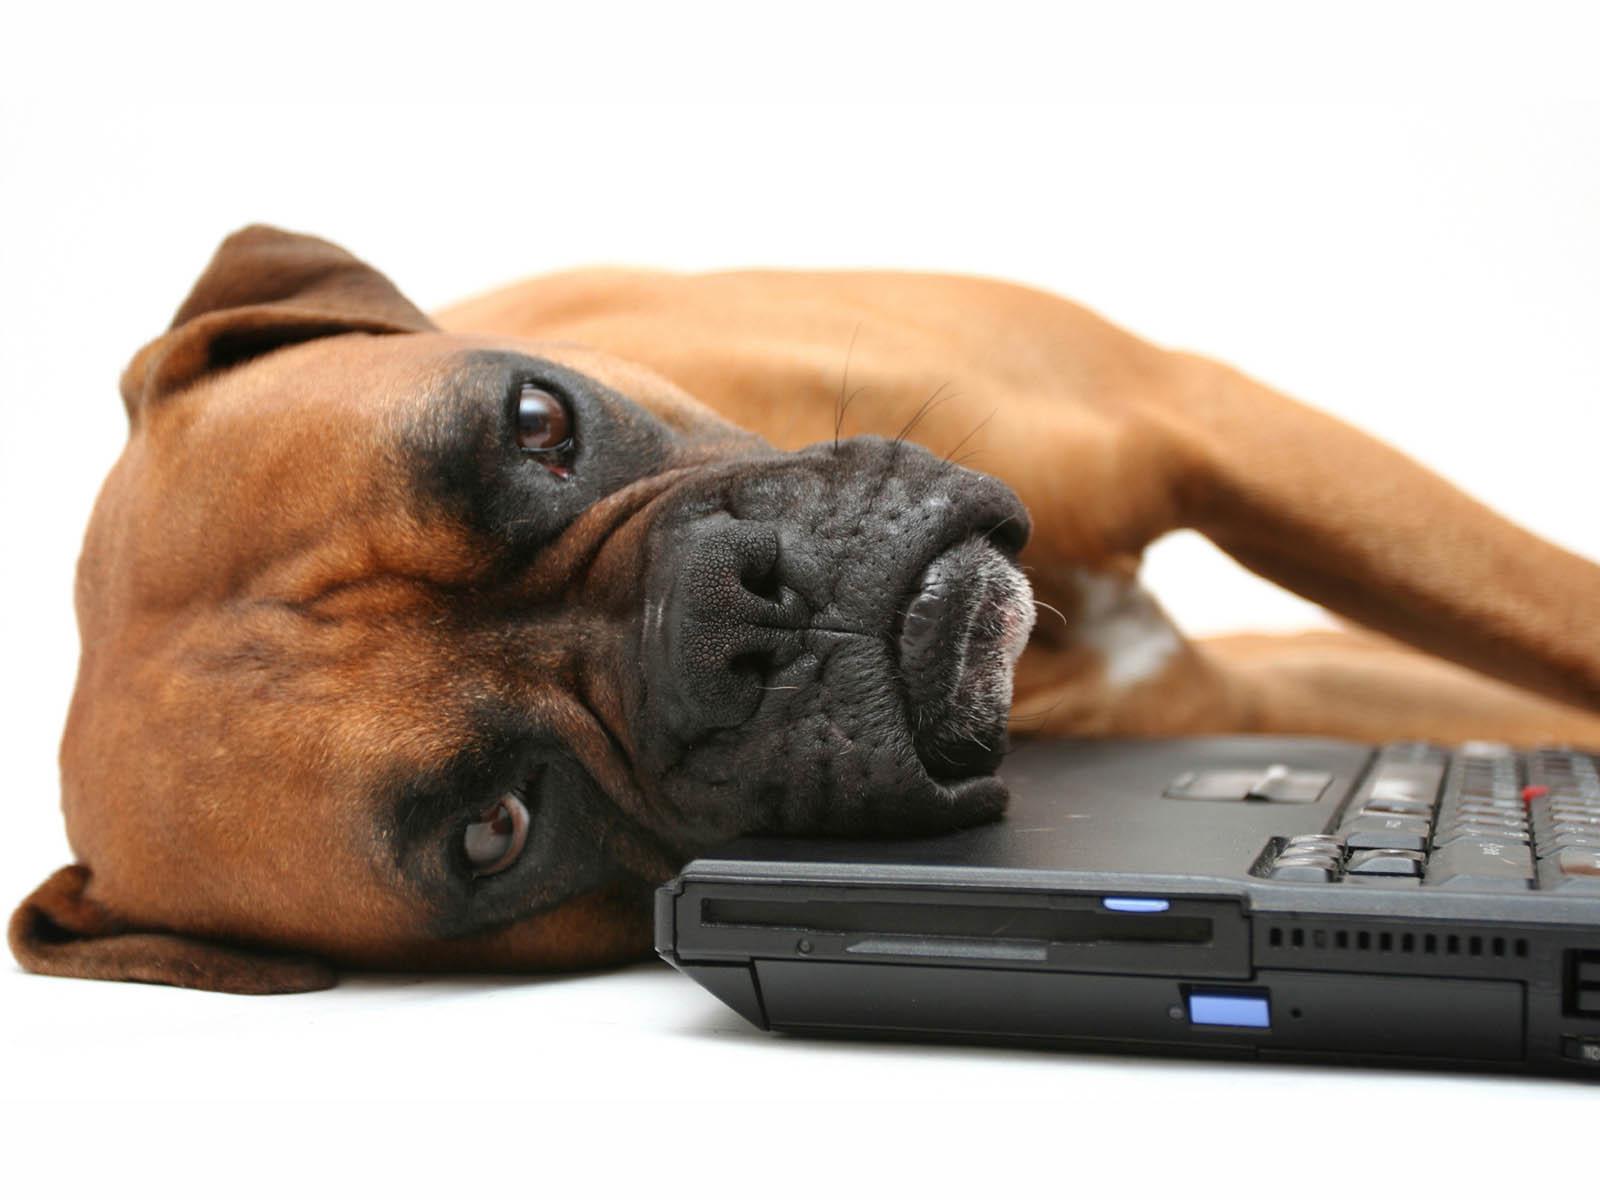 http://2.bp.blogspot.com/-8l_jjrW9D5M/UBY_cXy6HtI/AAAAAAAAGzA/TVBpQyzCRns/s1600/Boxer+Dog+Wallpapers+3.jpg